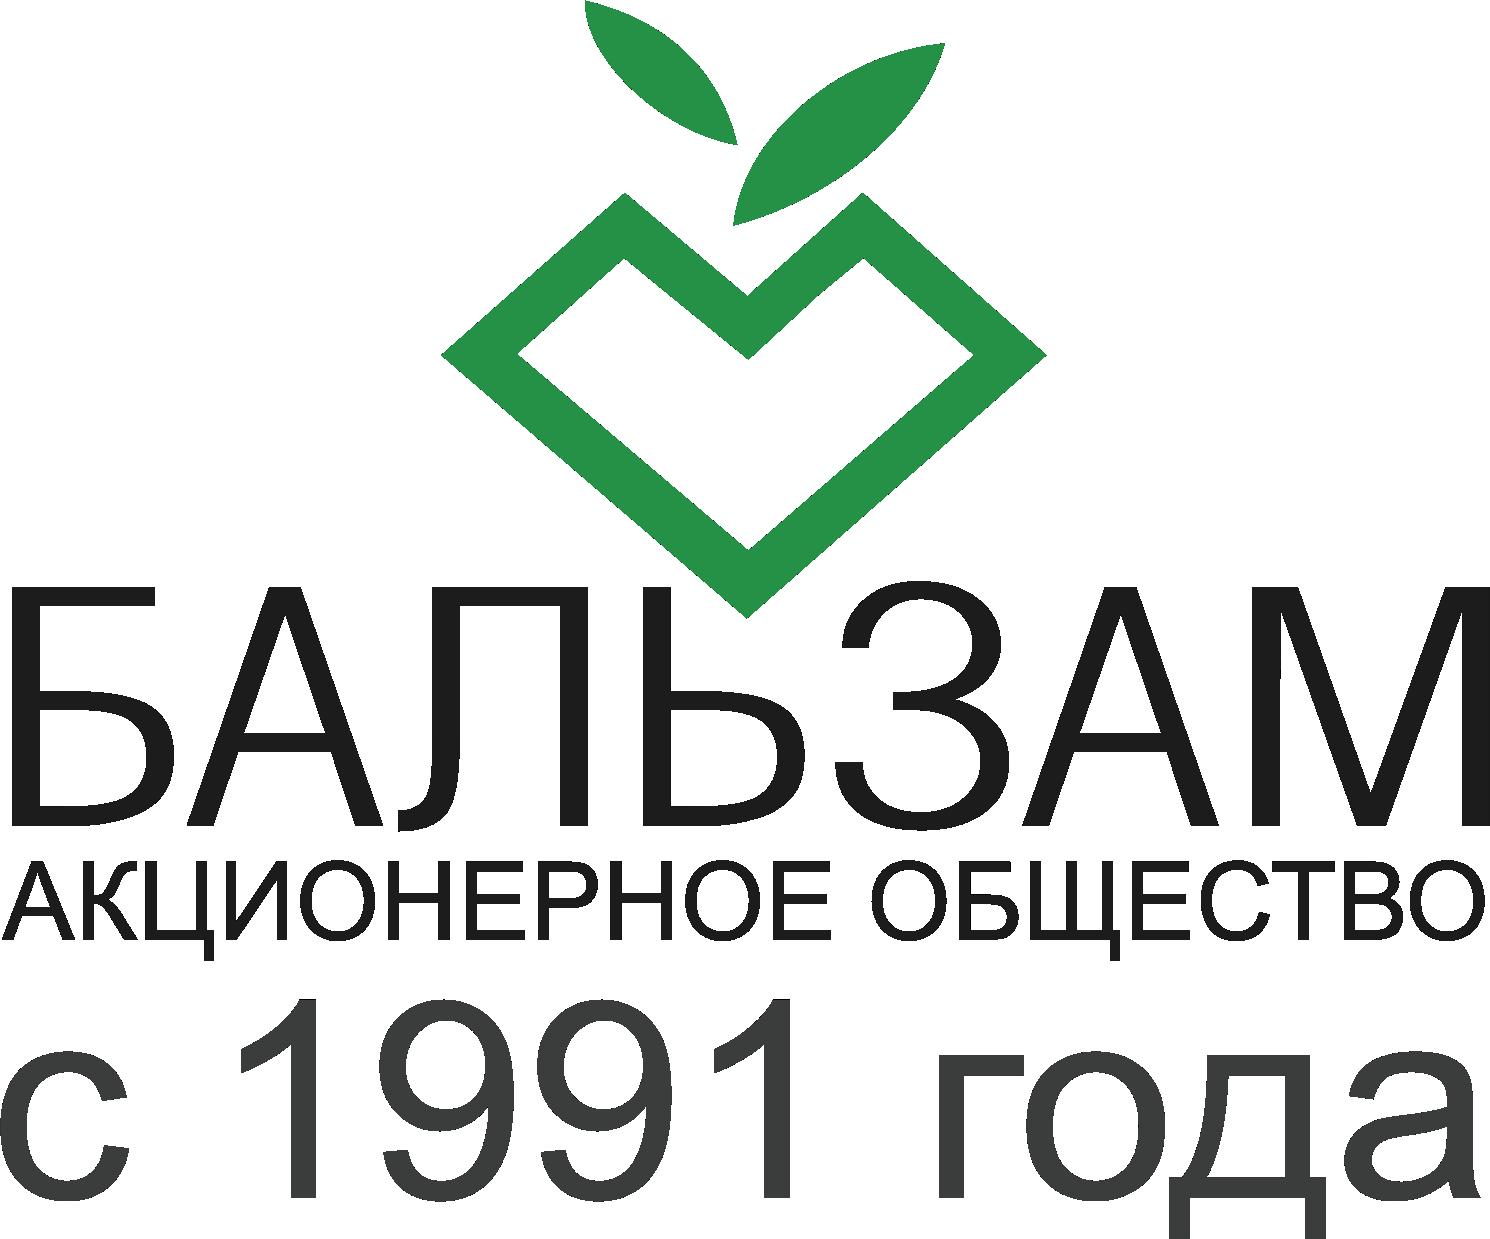 алтайское отделение 8644 пао сбербанк реквизиты инн кпп число занятых в россии 2020